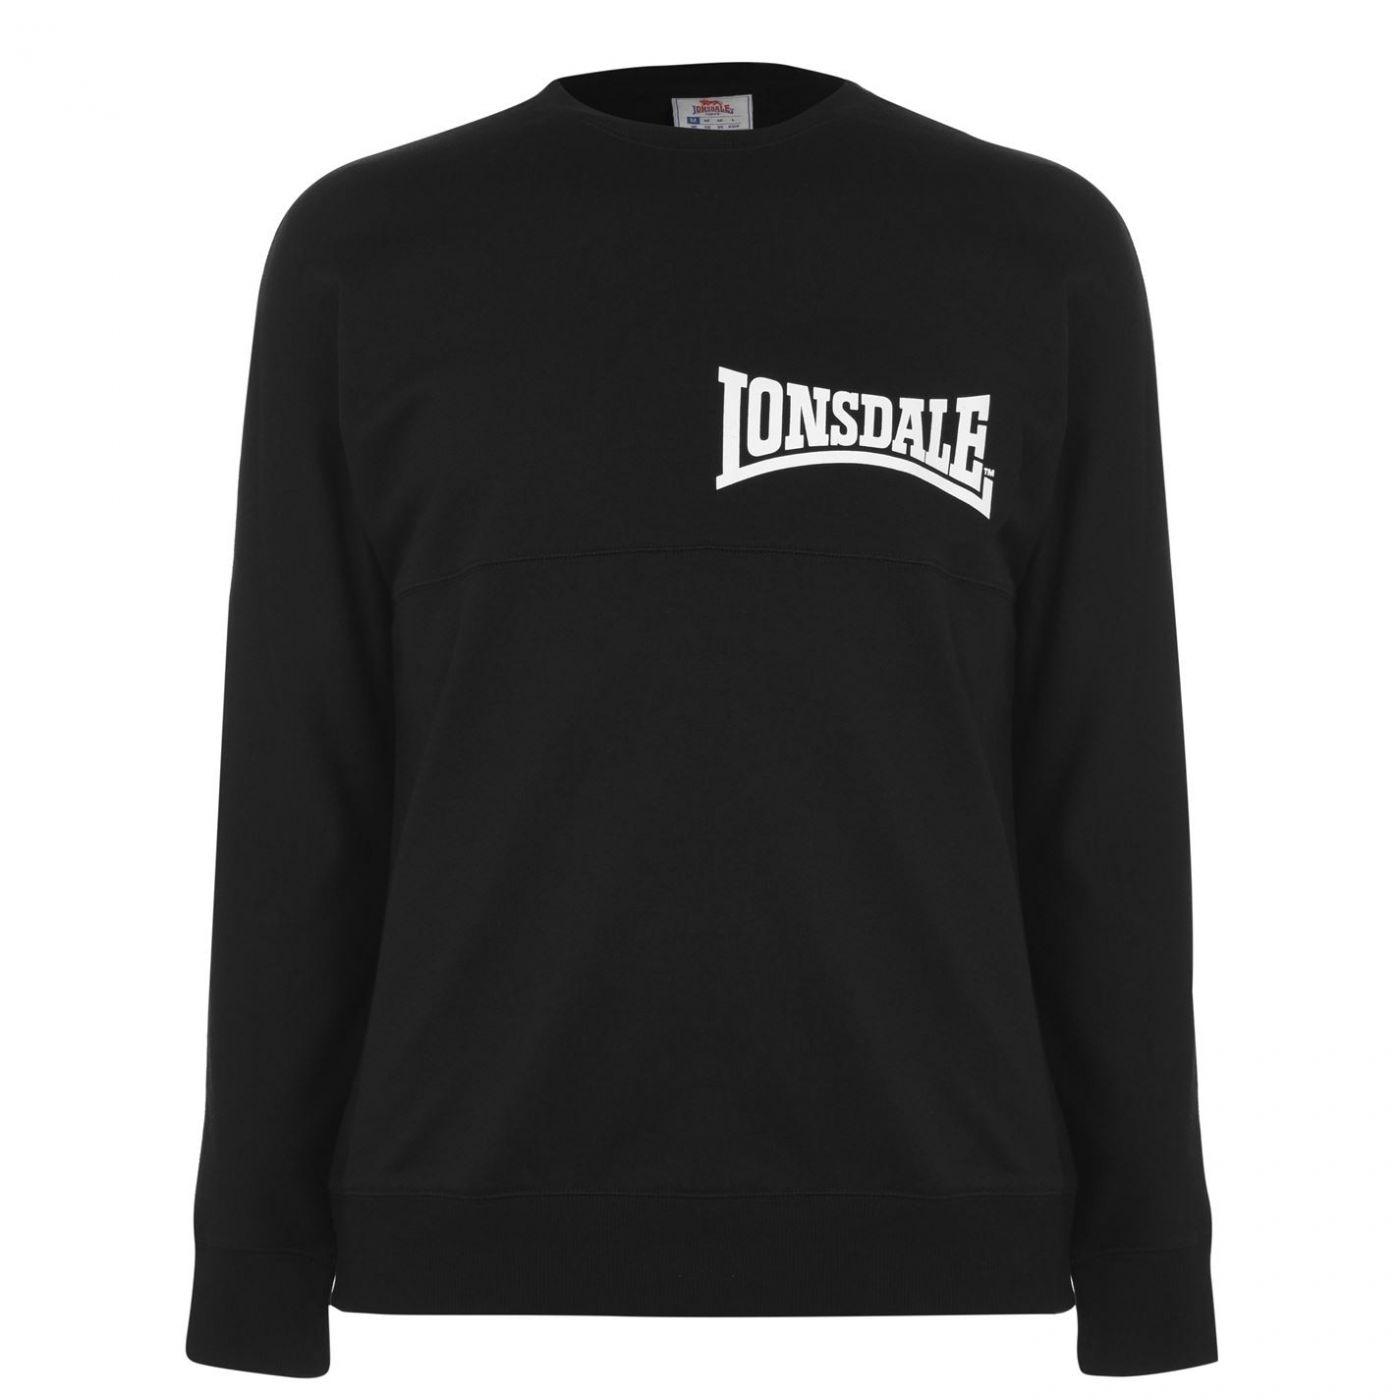 Lonsdale Japan Crew Sweatshirt Mens